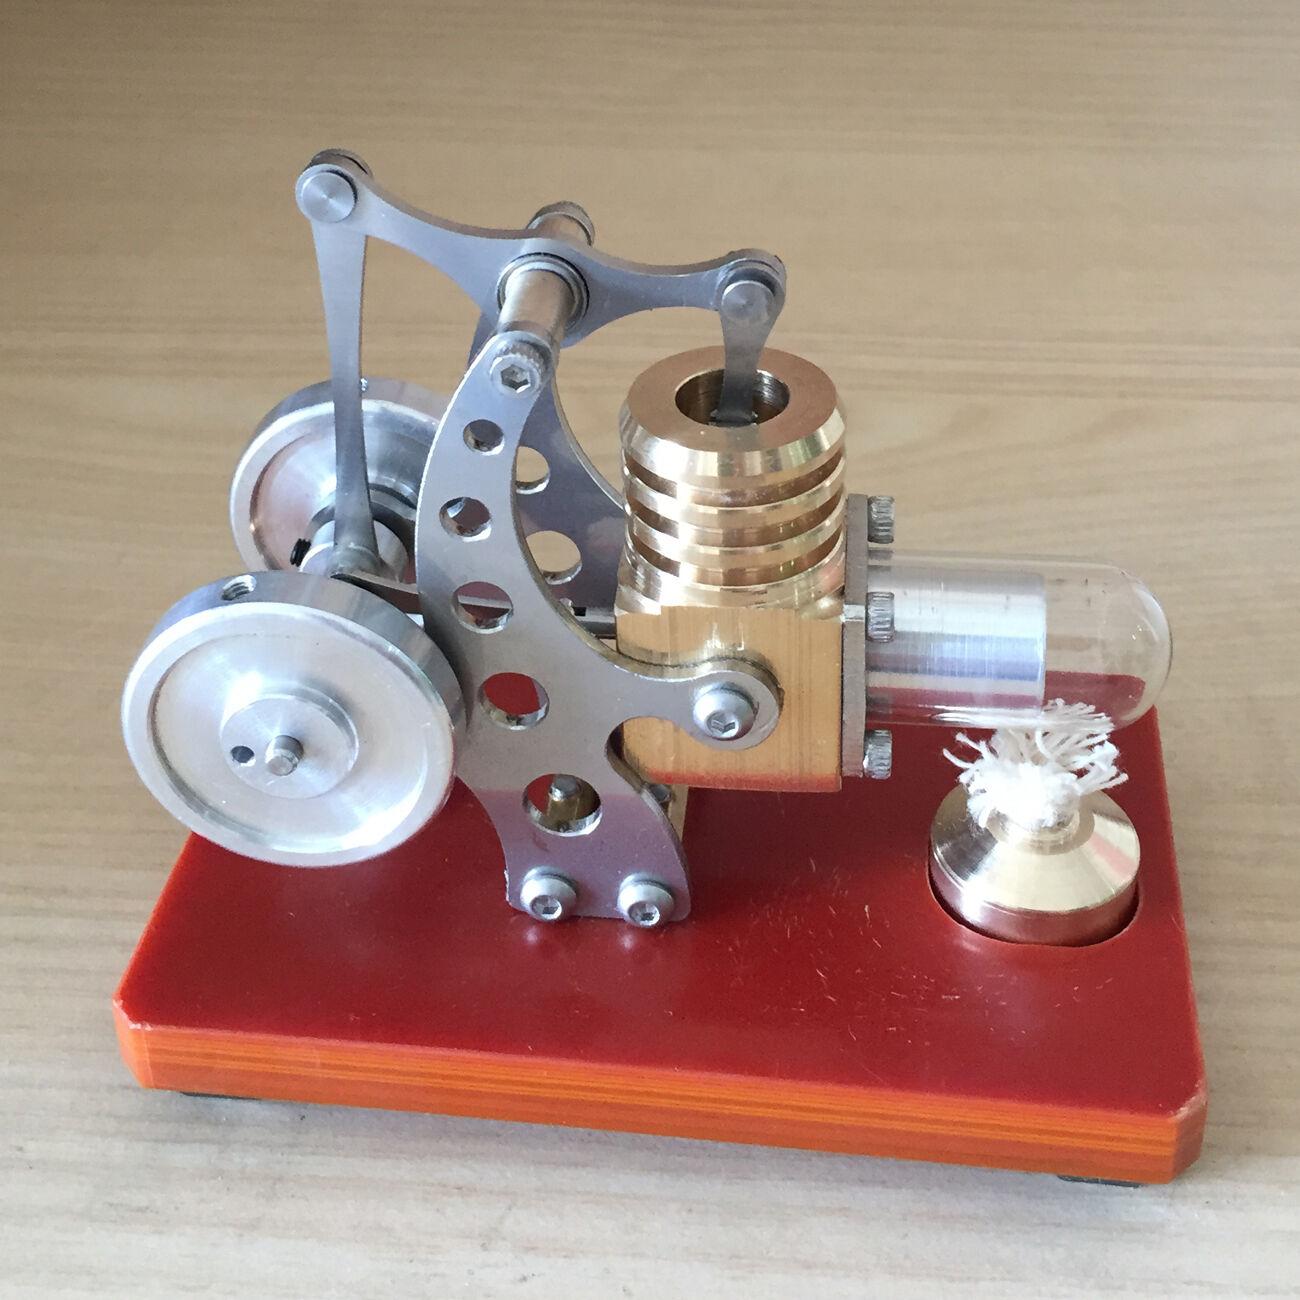 ミニスターリングエンジンモデルトイマイクロ熱風エンジン発電機モーターモデル玩具